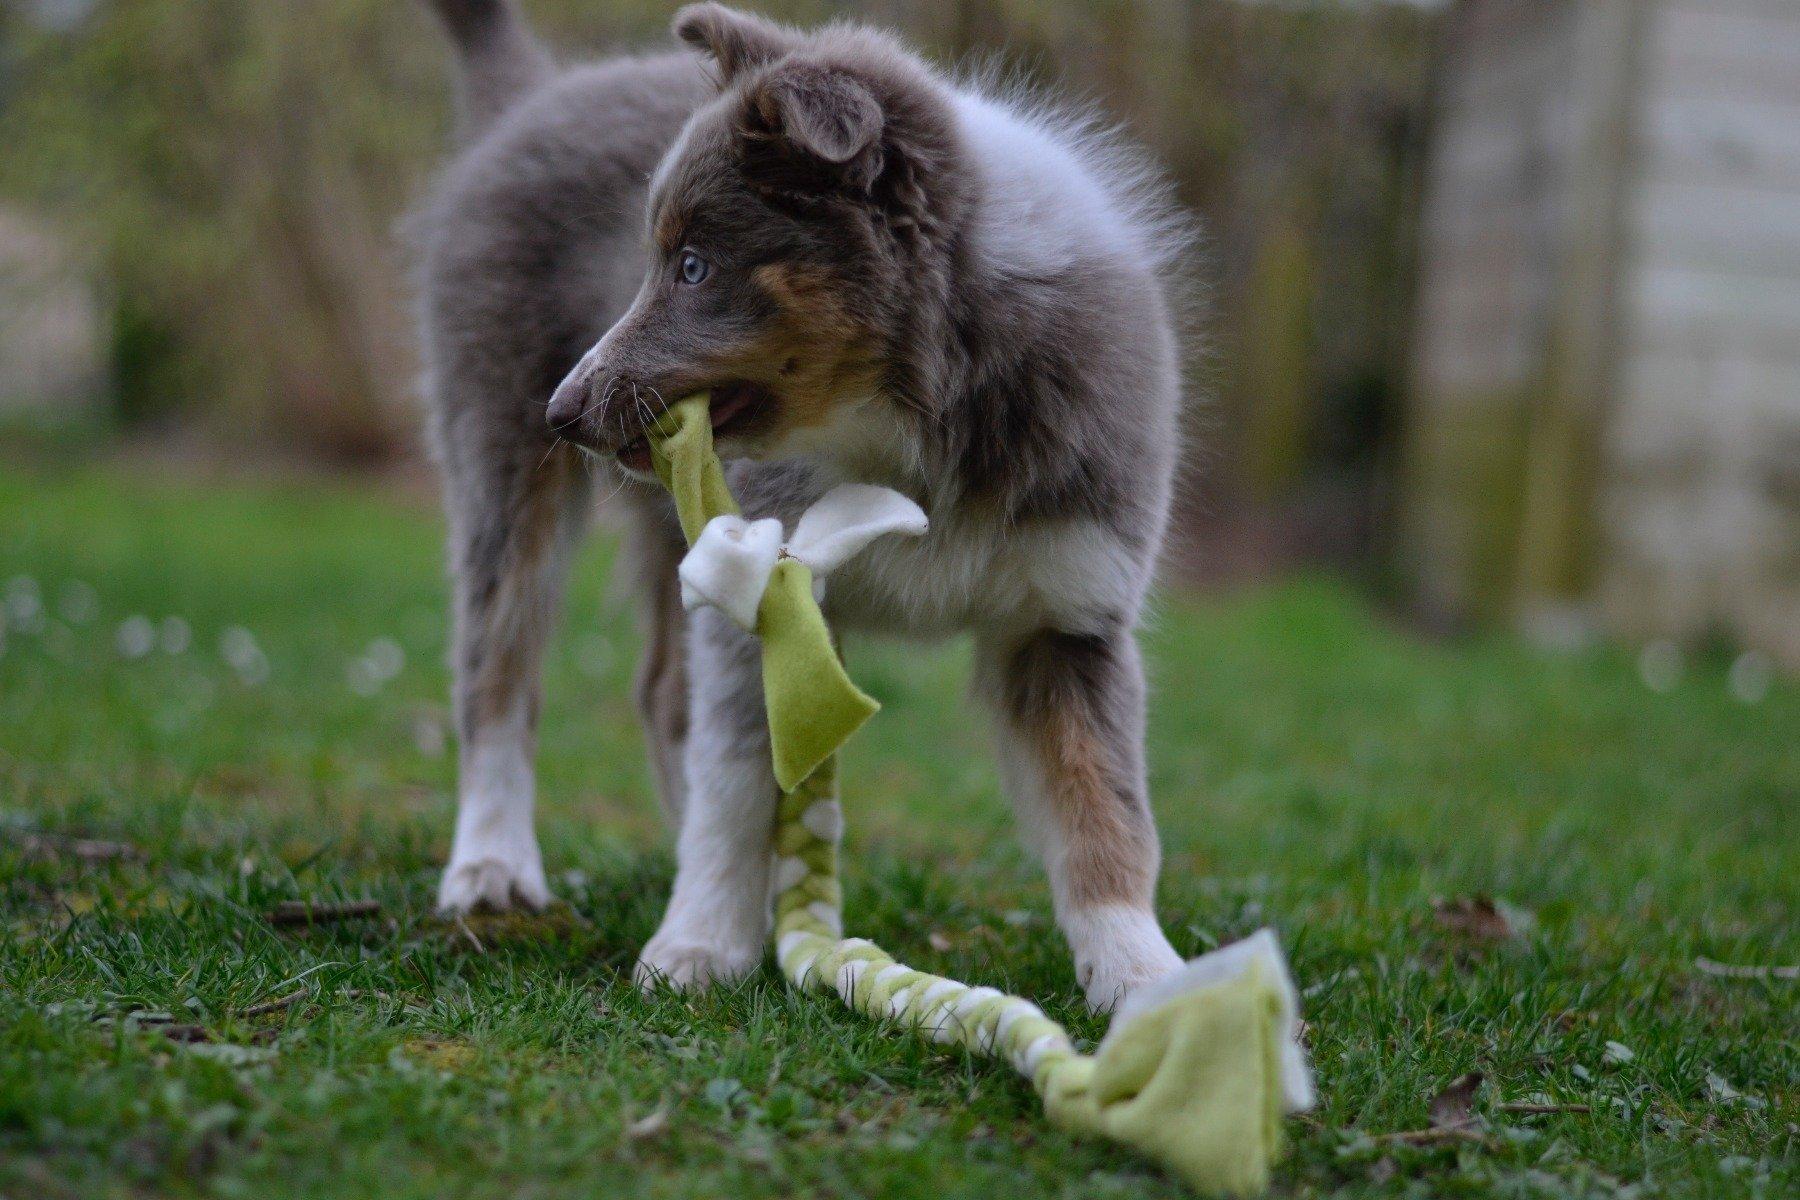 Aussie-Welpe mit selbstgebasteltem Hundespielzeug im Maul